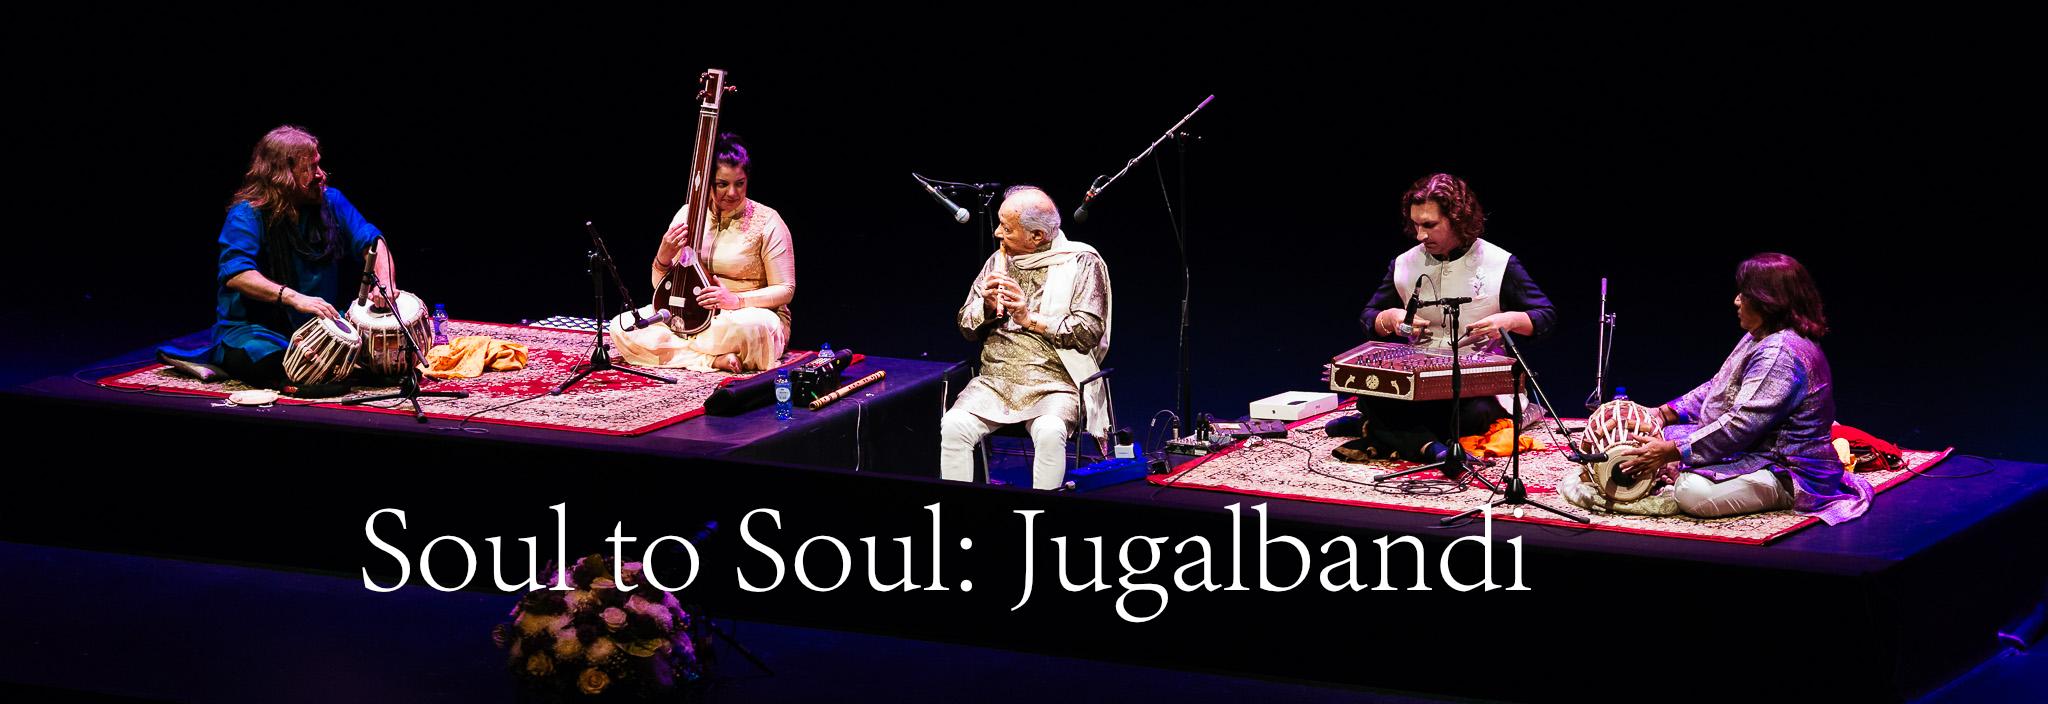 soul-to-soul-jugalbandi